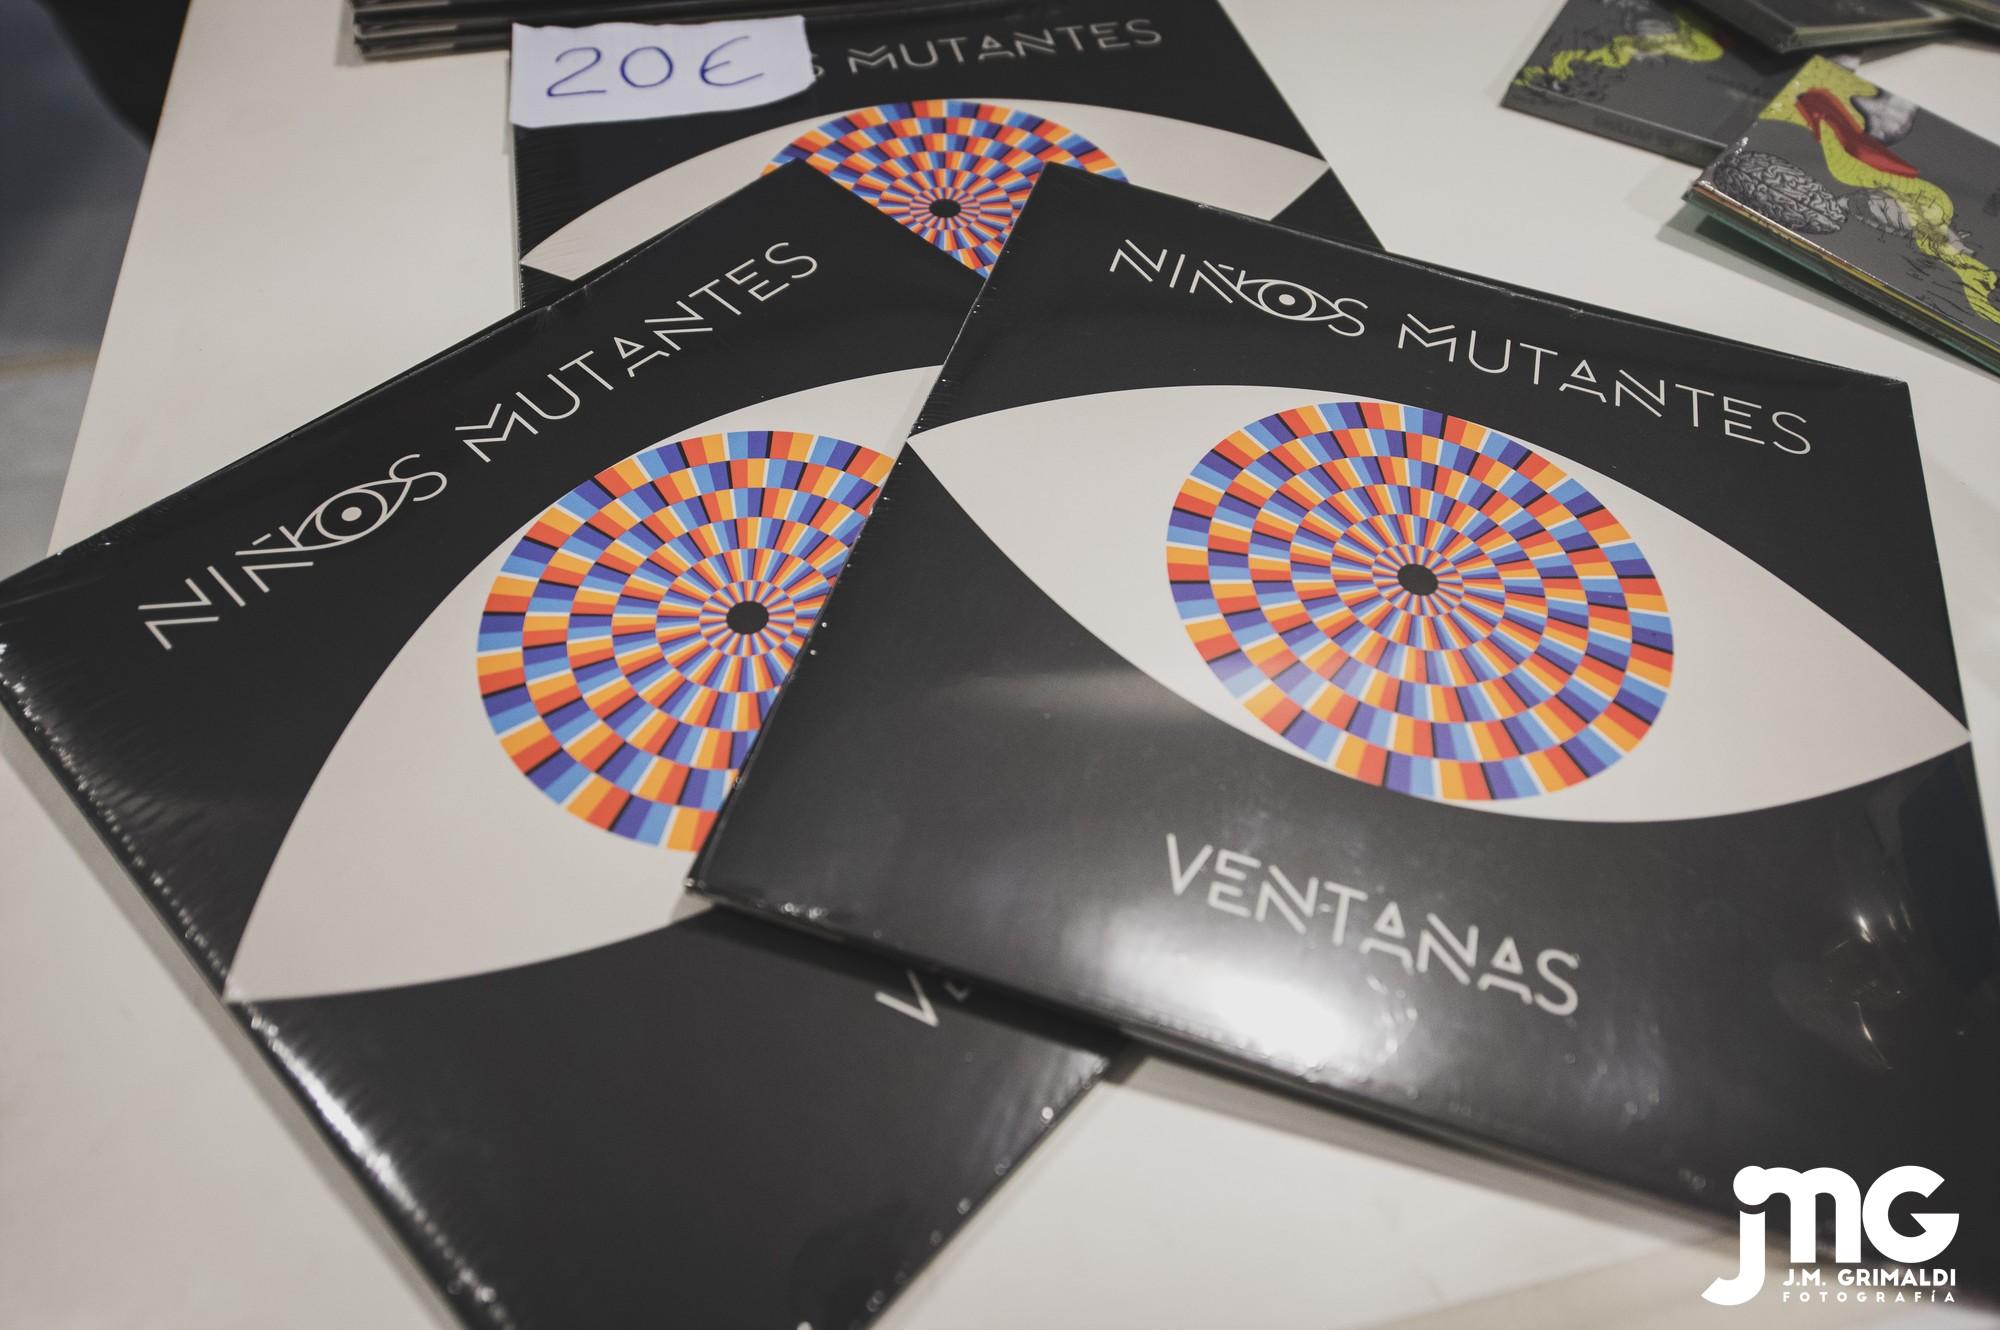 VENTANAS MUTANTES 2020 001 _JMZ7735